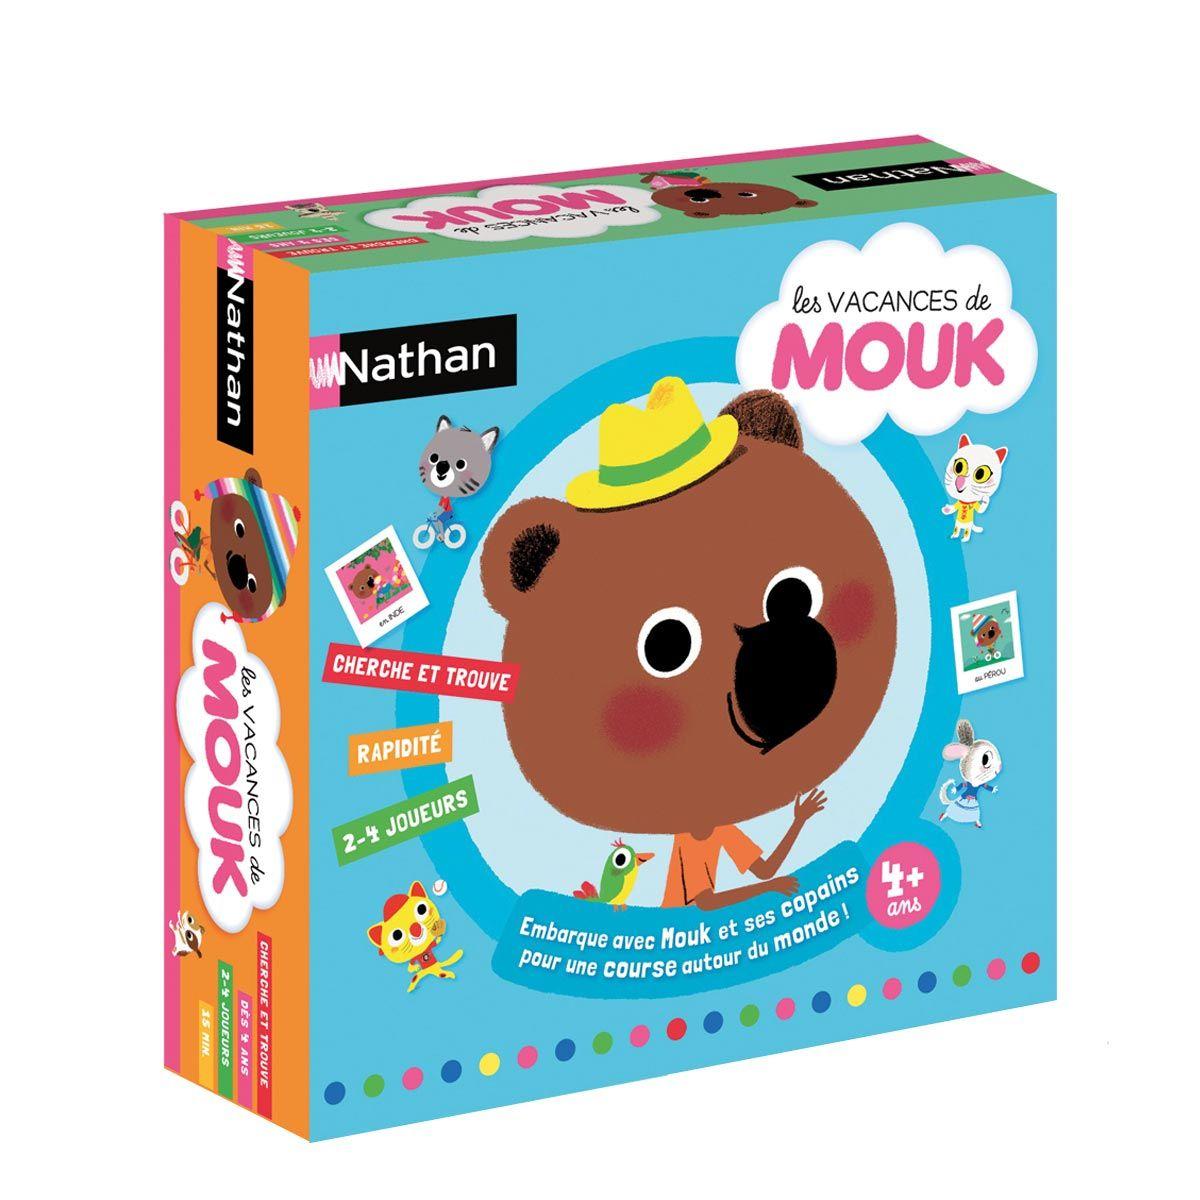 Jeu De Société Mouk Nathan Pour Enfant De 4 Ans À 8 Ans avec Jeux Pour Enfant De 4 Ans